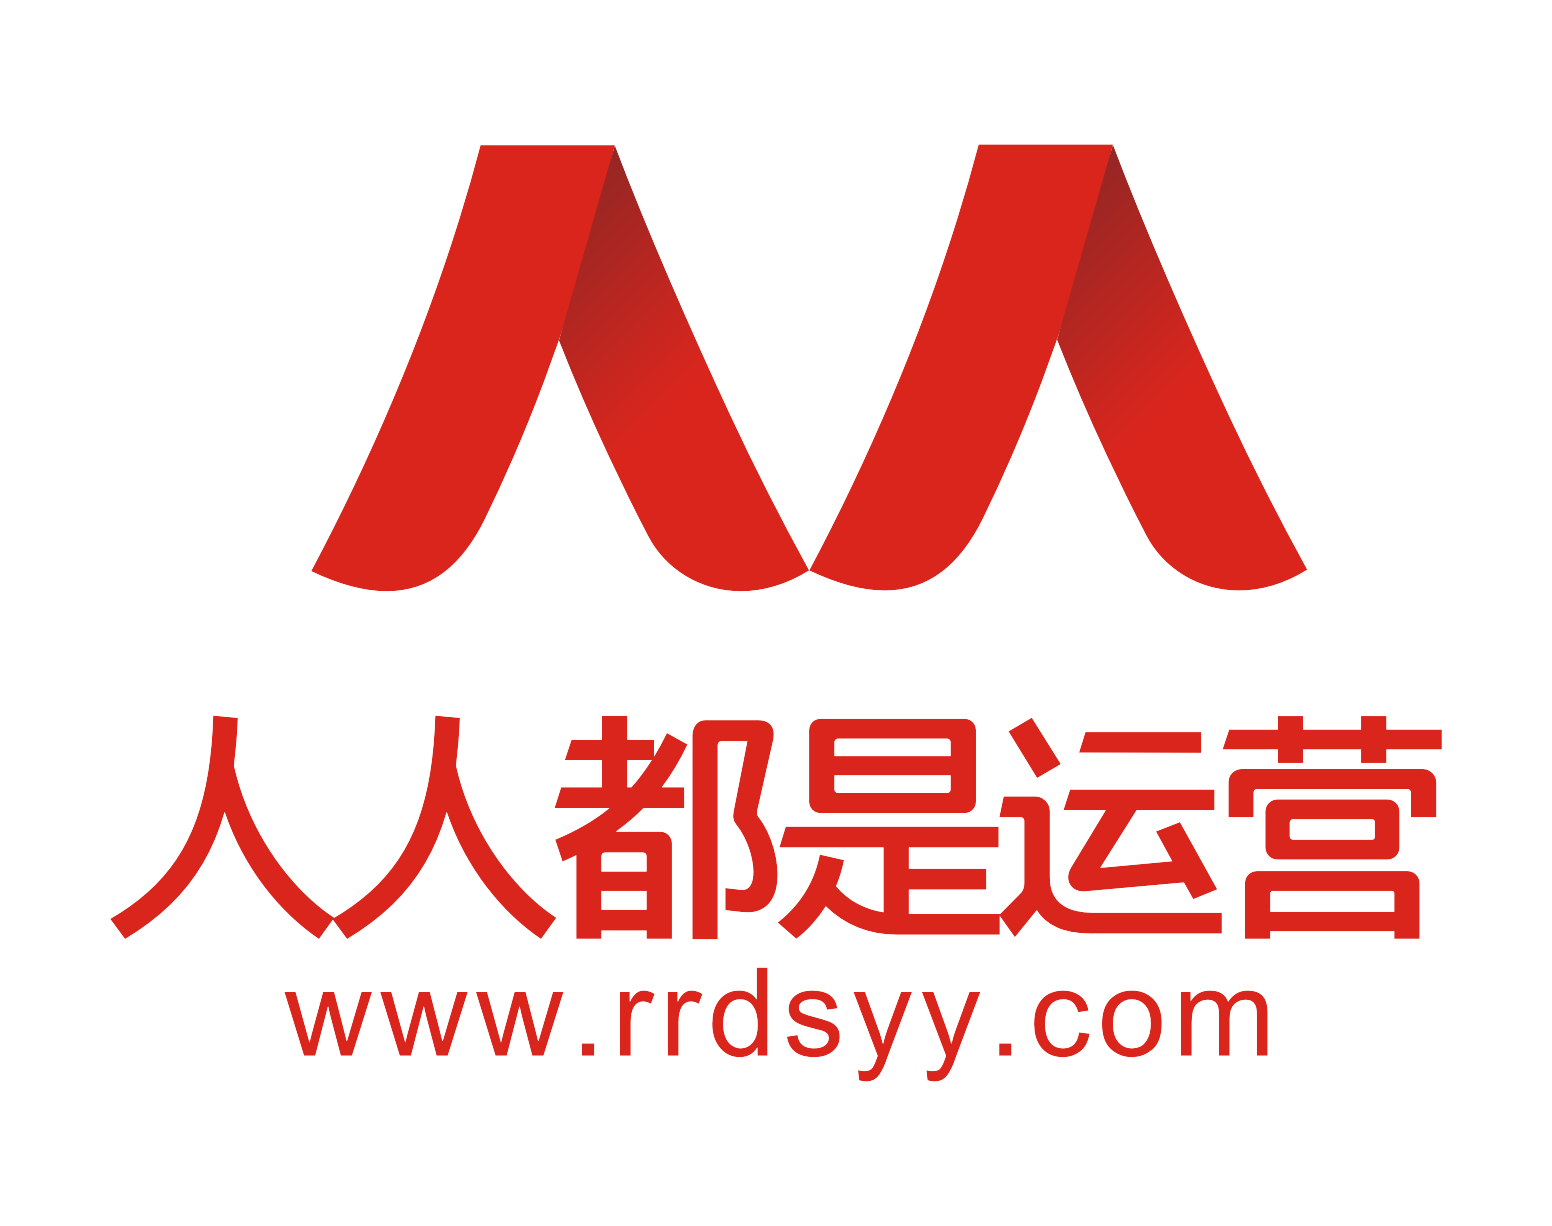 logo 标识 标志 设计 矢量 矢量图 素材 图标 1552_1226